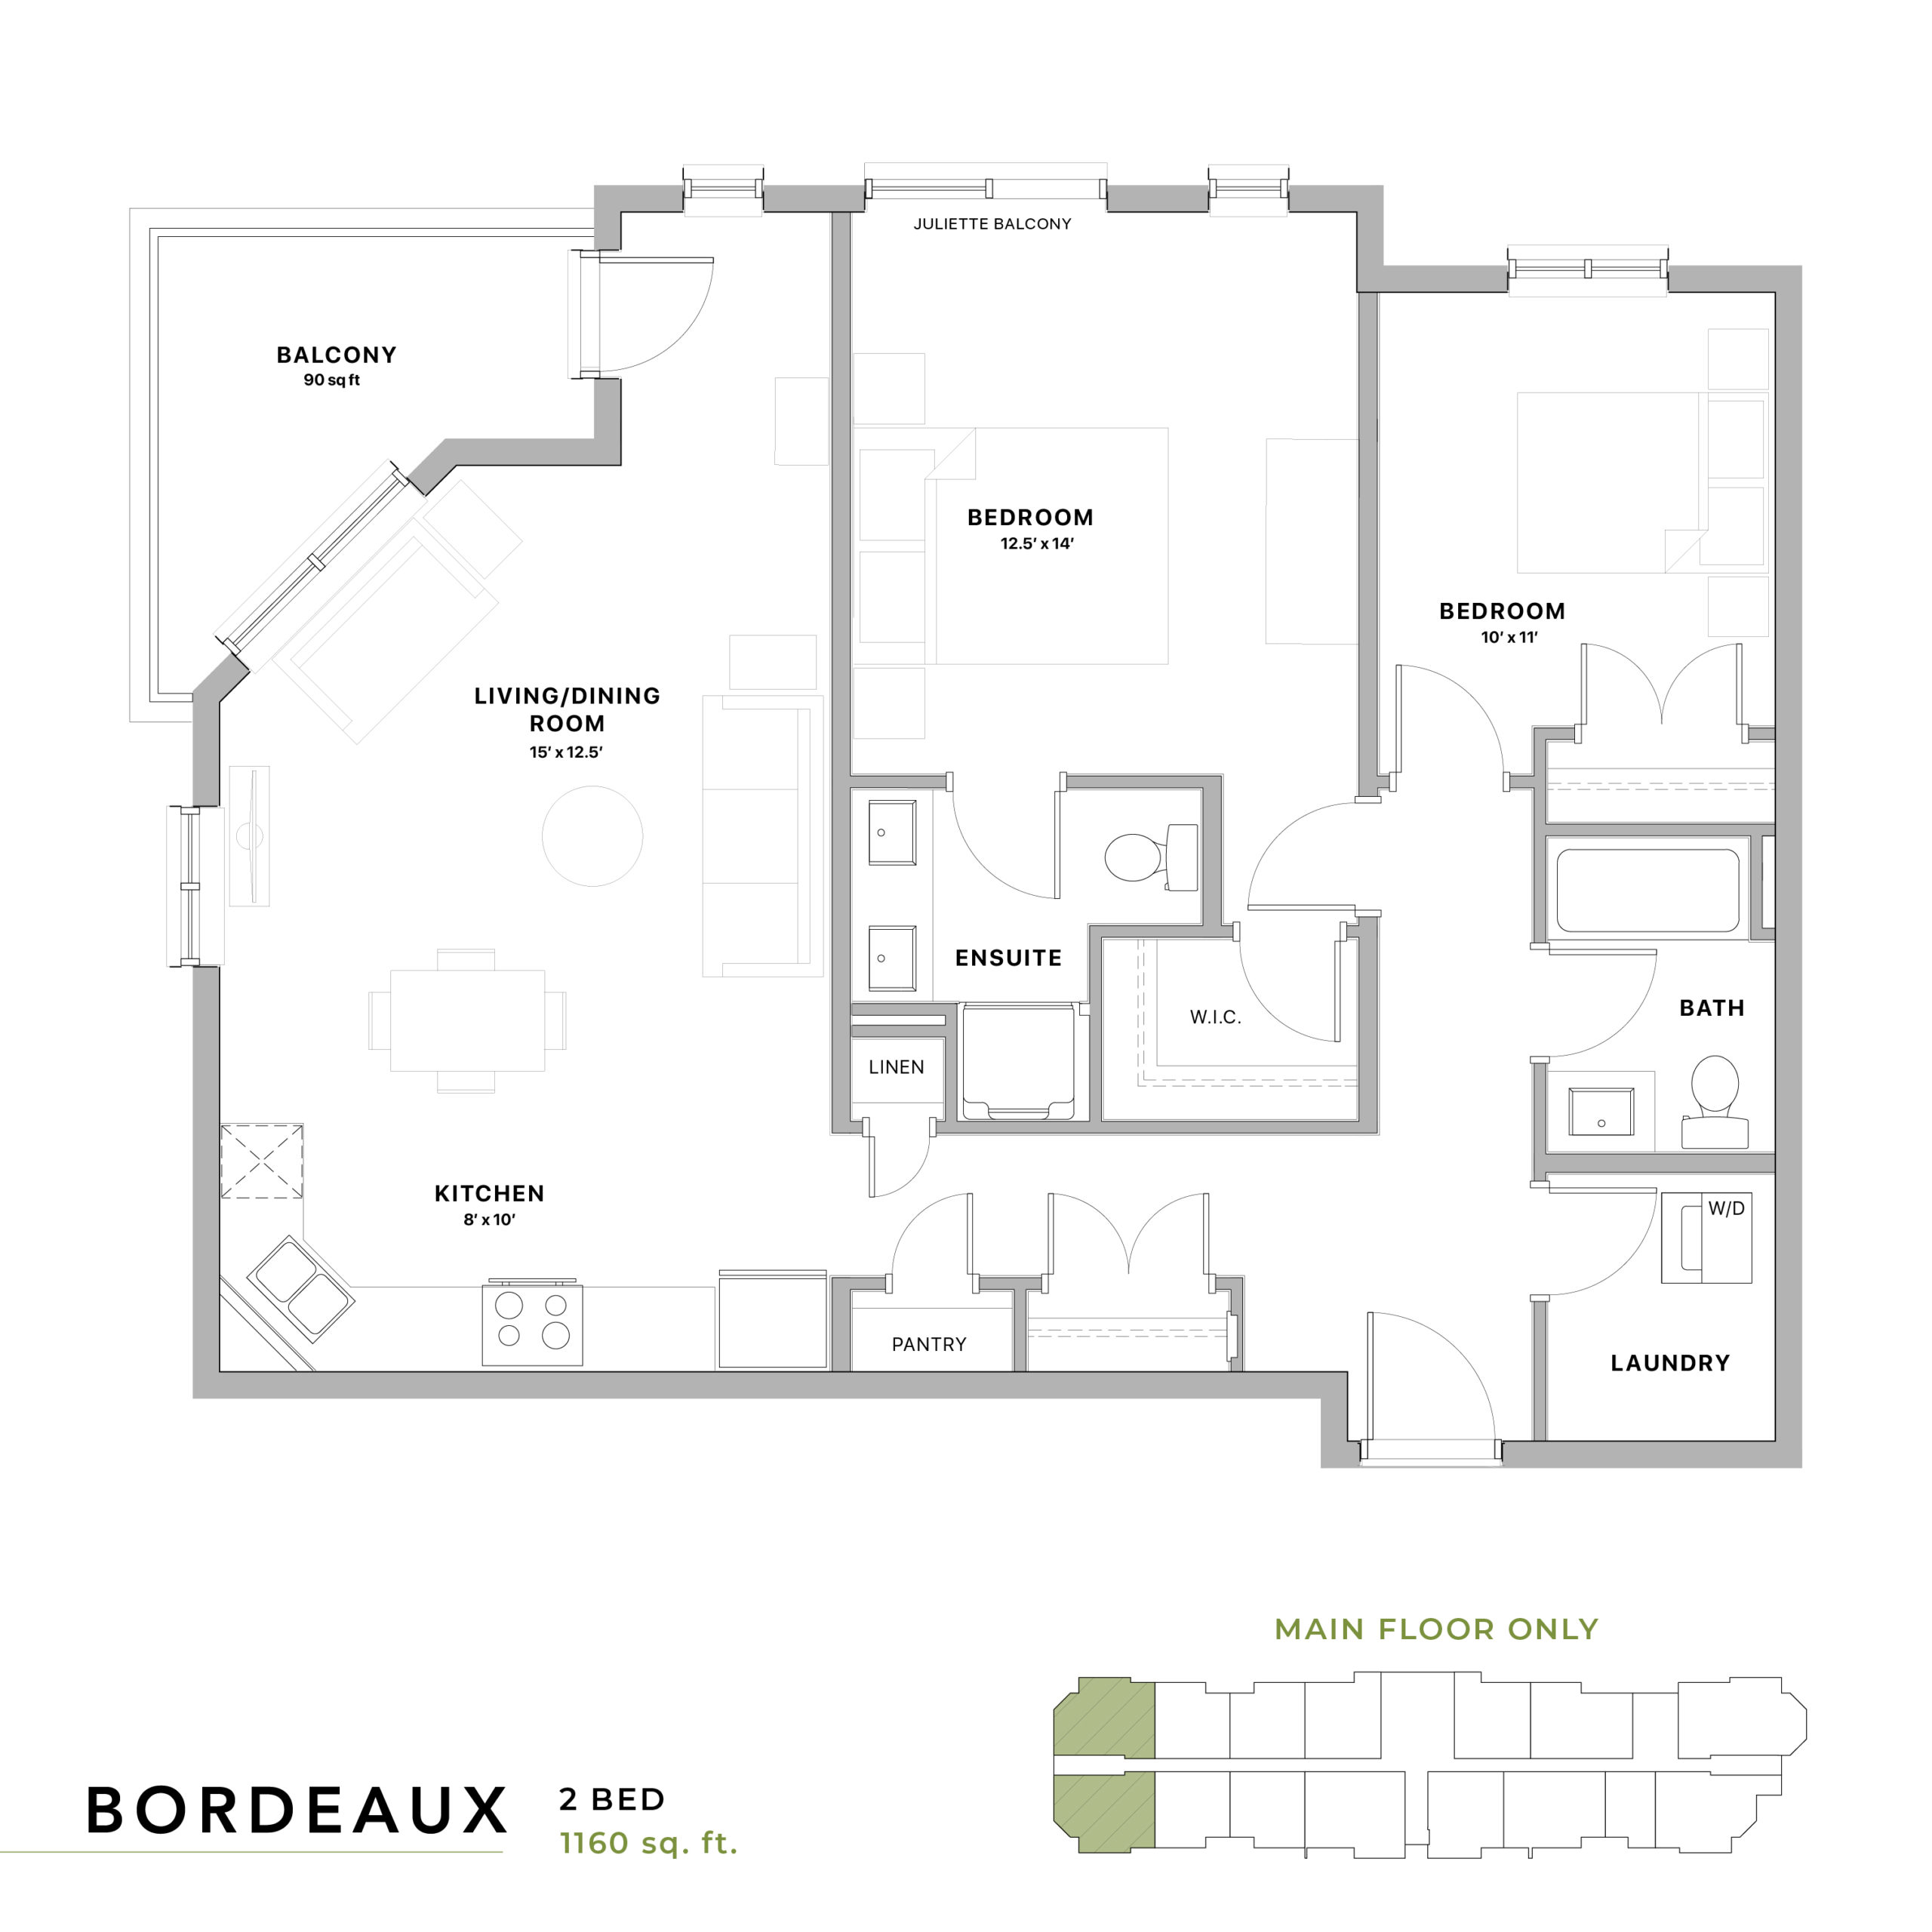 Bordeaux Floorplan